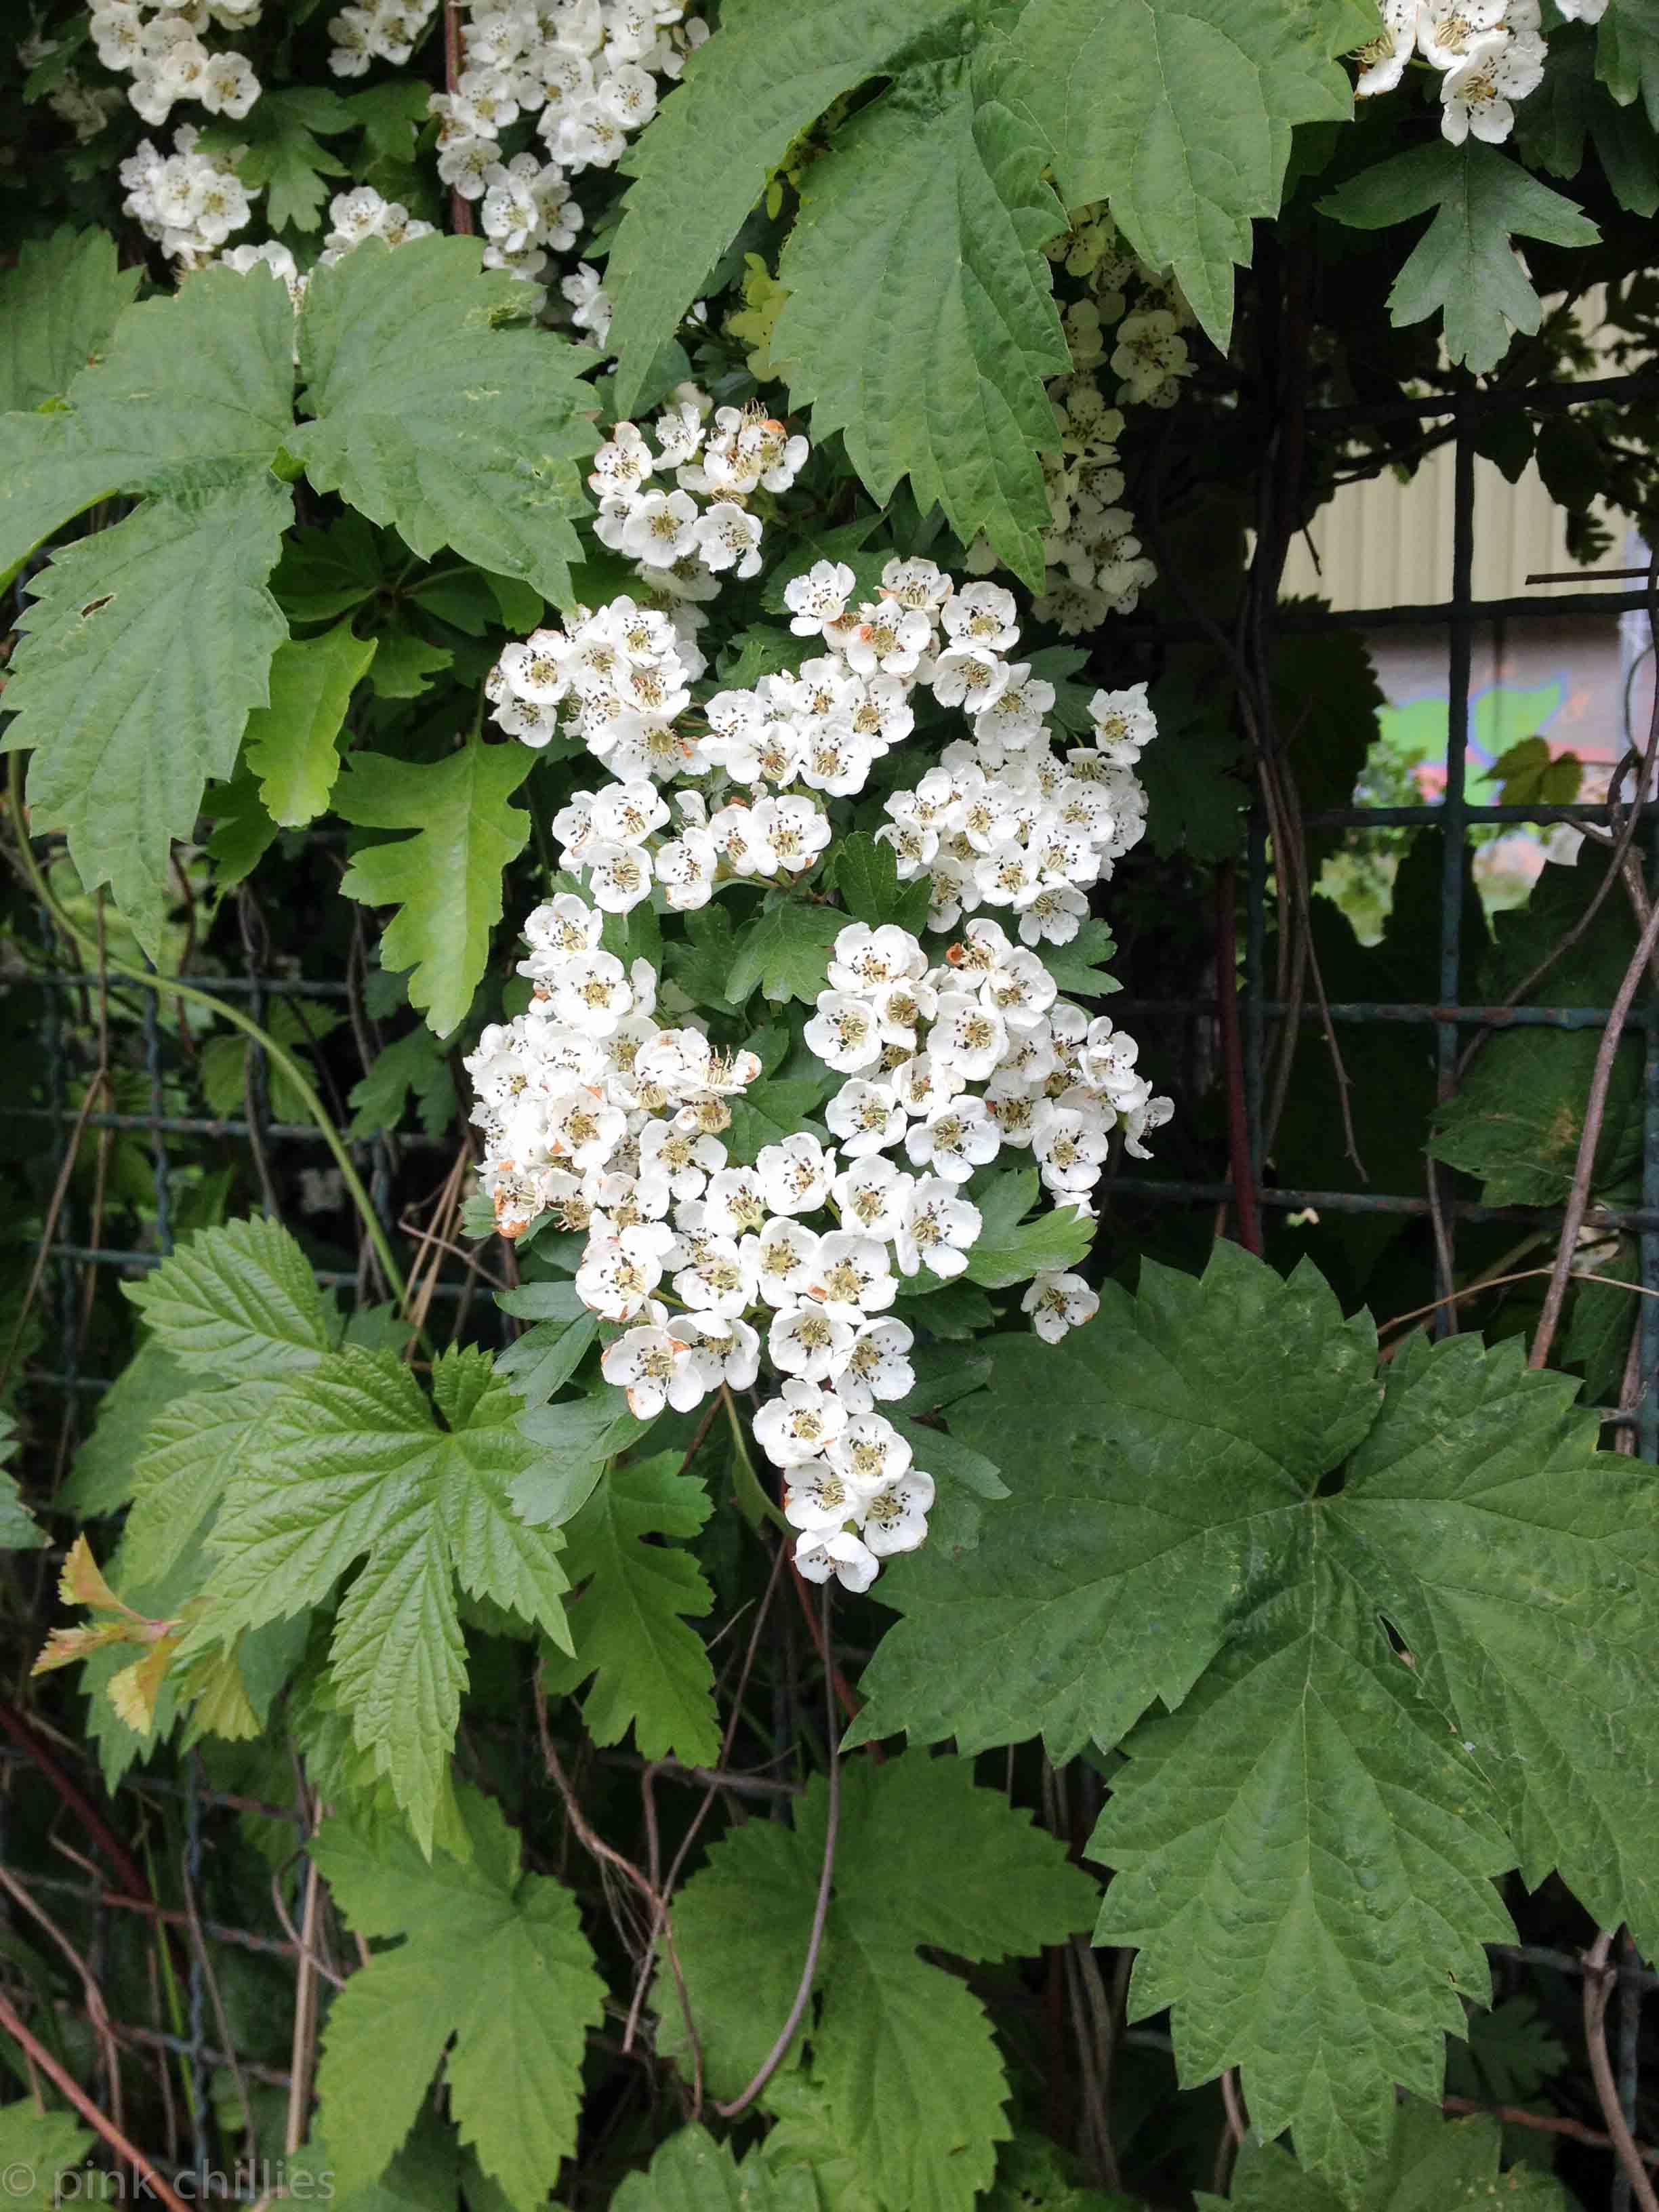 Pflanzen die riechen-5751